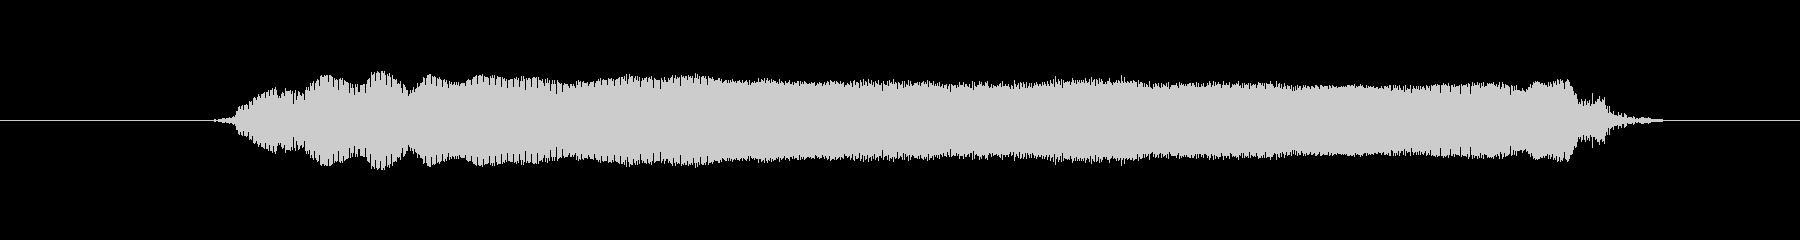 鳥 の 獲物 イーグルコール05の未再生の波形